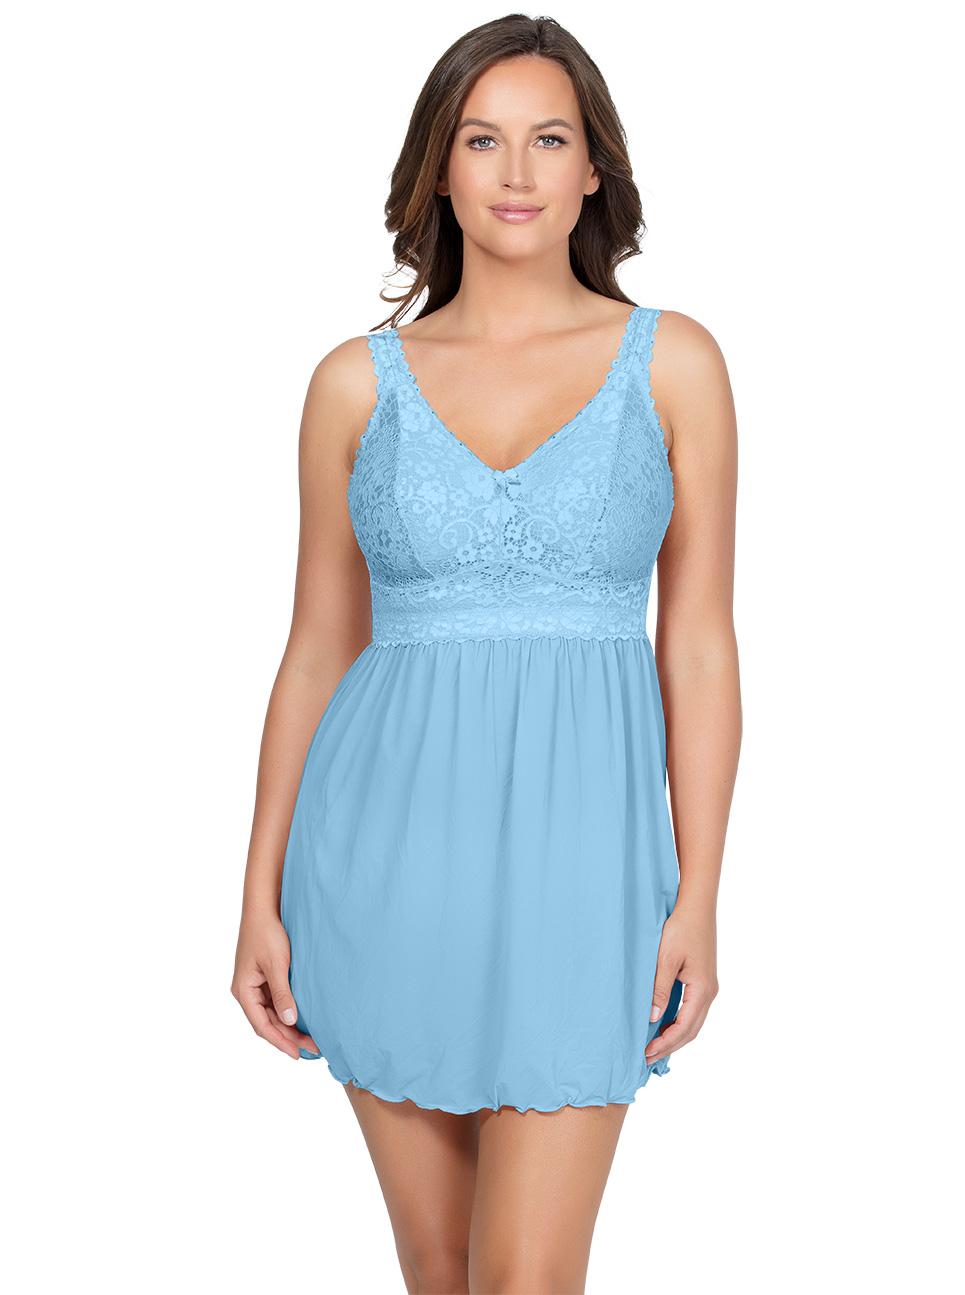 PARFAIT Adriana UnlinedBabydollP5488 BikiniP5483 SkyBlue Front - Adriana Unlined Babydoll - Sky Blue - P5488